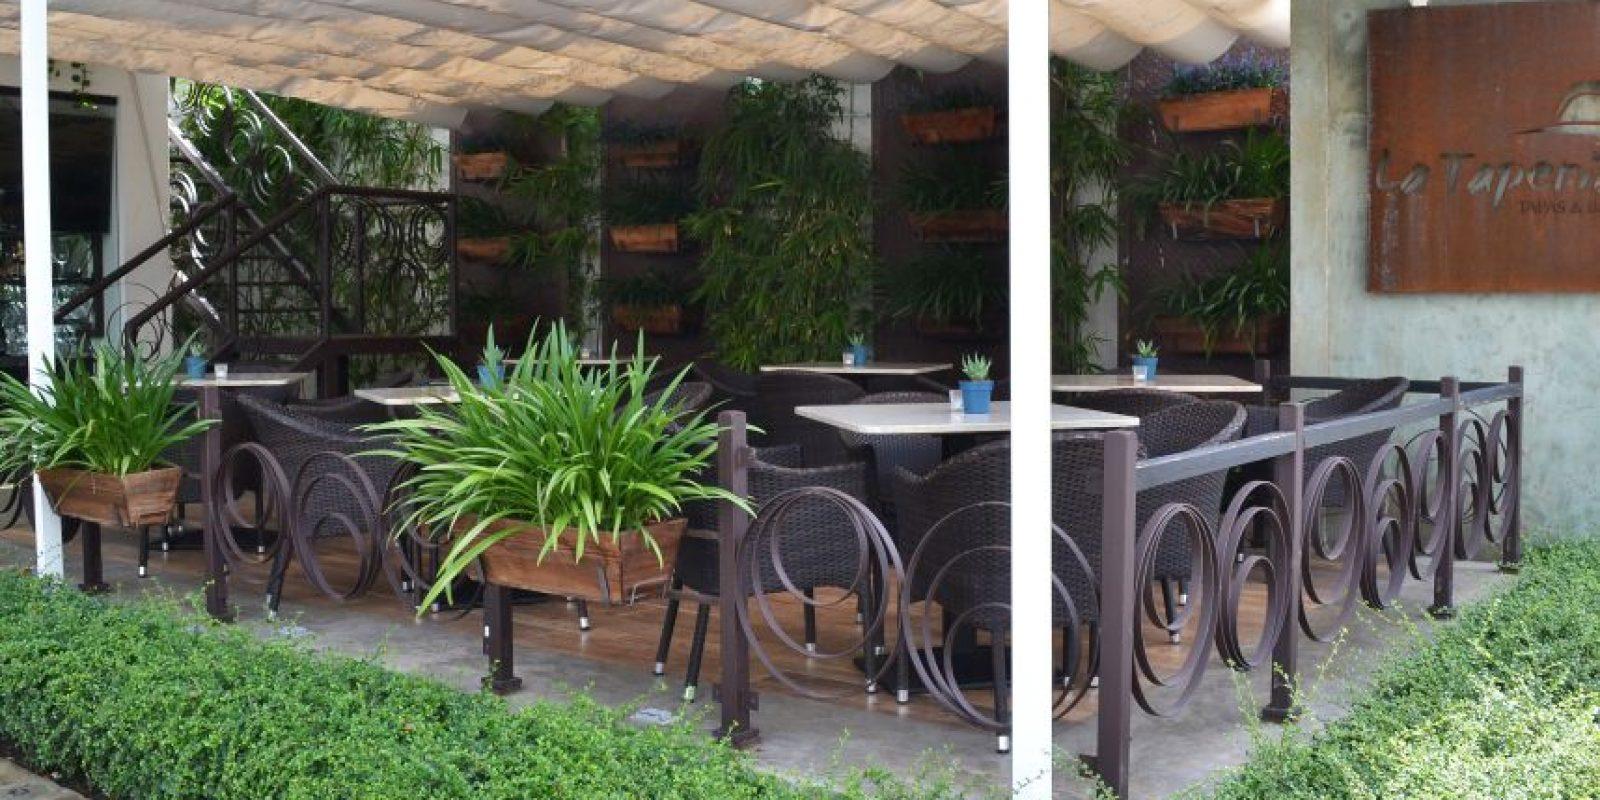 El restaurante La Tapería ofrece diversos espacios para que sus clientes se sientan como en casa. Foto:Mario de Peña